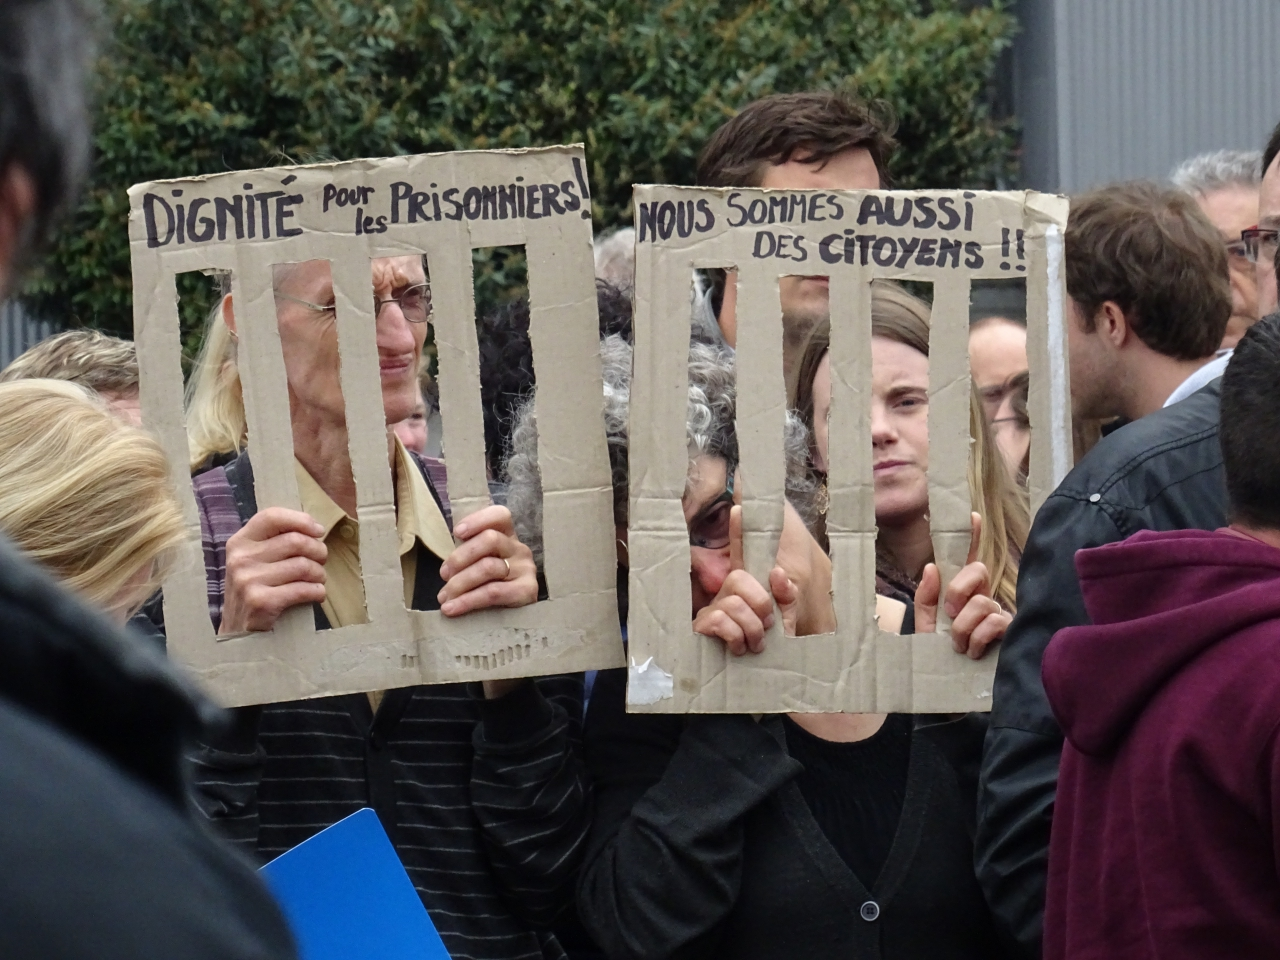 'Waardigheid voor gevangenen', 'Wij zijn ook burgers'